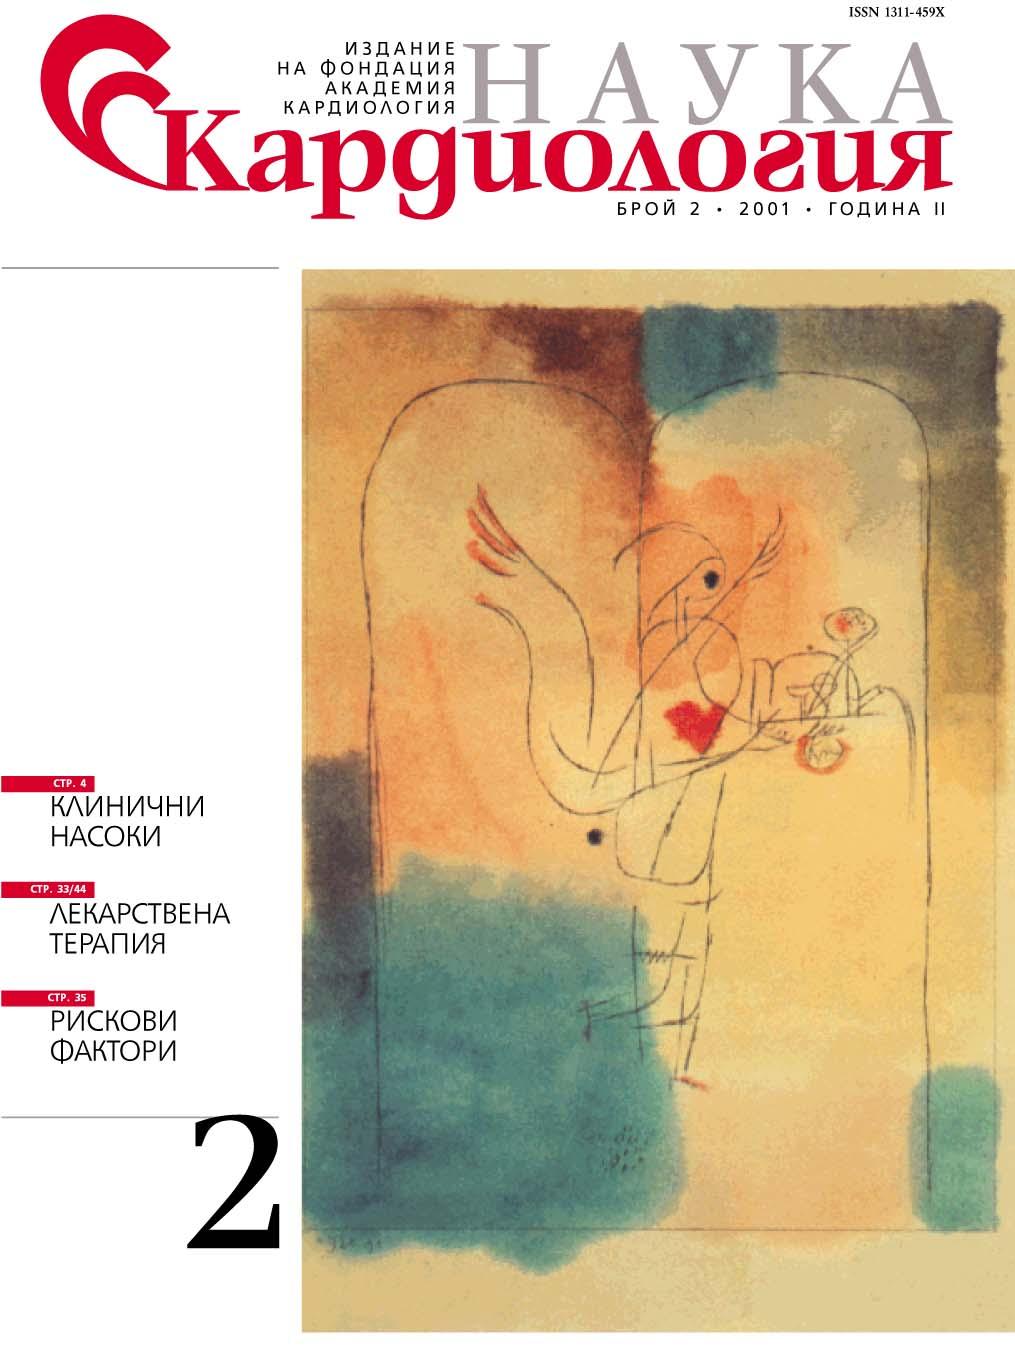 Наука Кардиология 2/2001